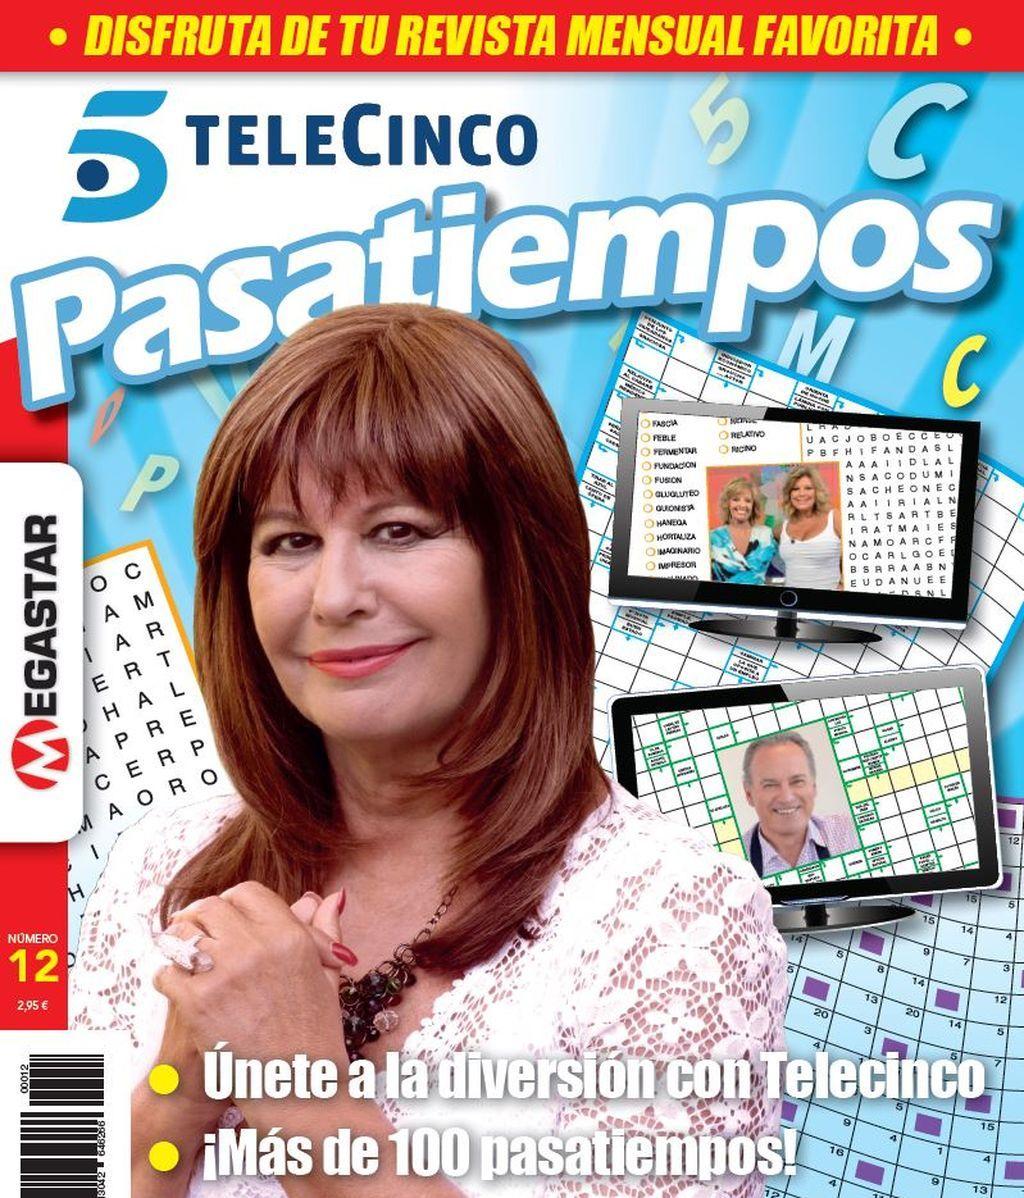 Ya en tu kiosko el nuevo Pasatiempos de Telecinco! Este mes con ¡Esperanza Gracia!